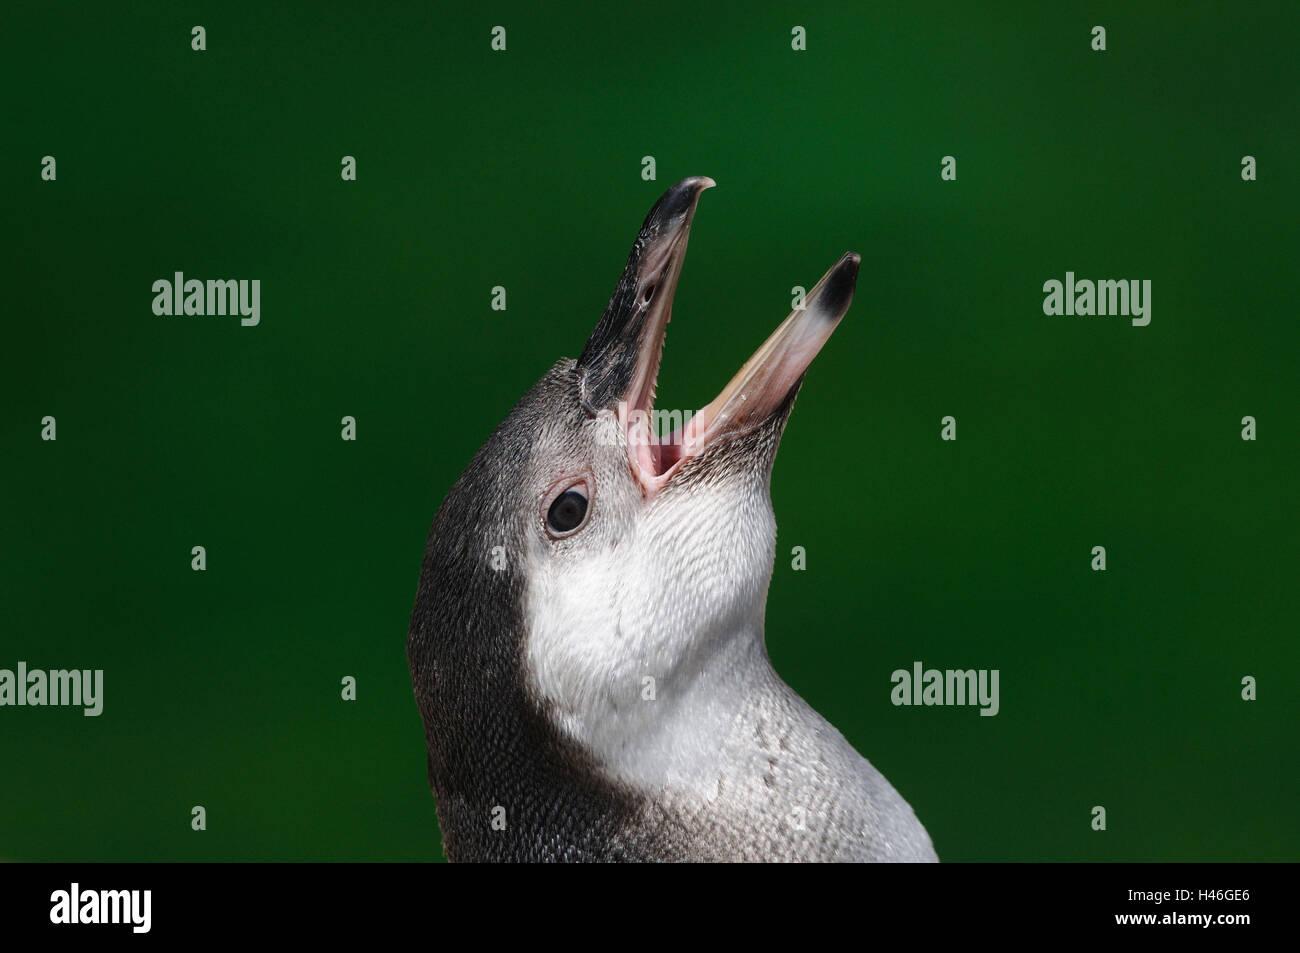 Glass penguin, Spheniscus demersus, portrait, shout, side view, Stock Photo